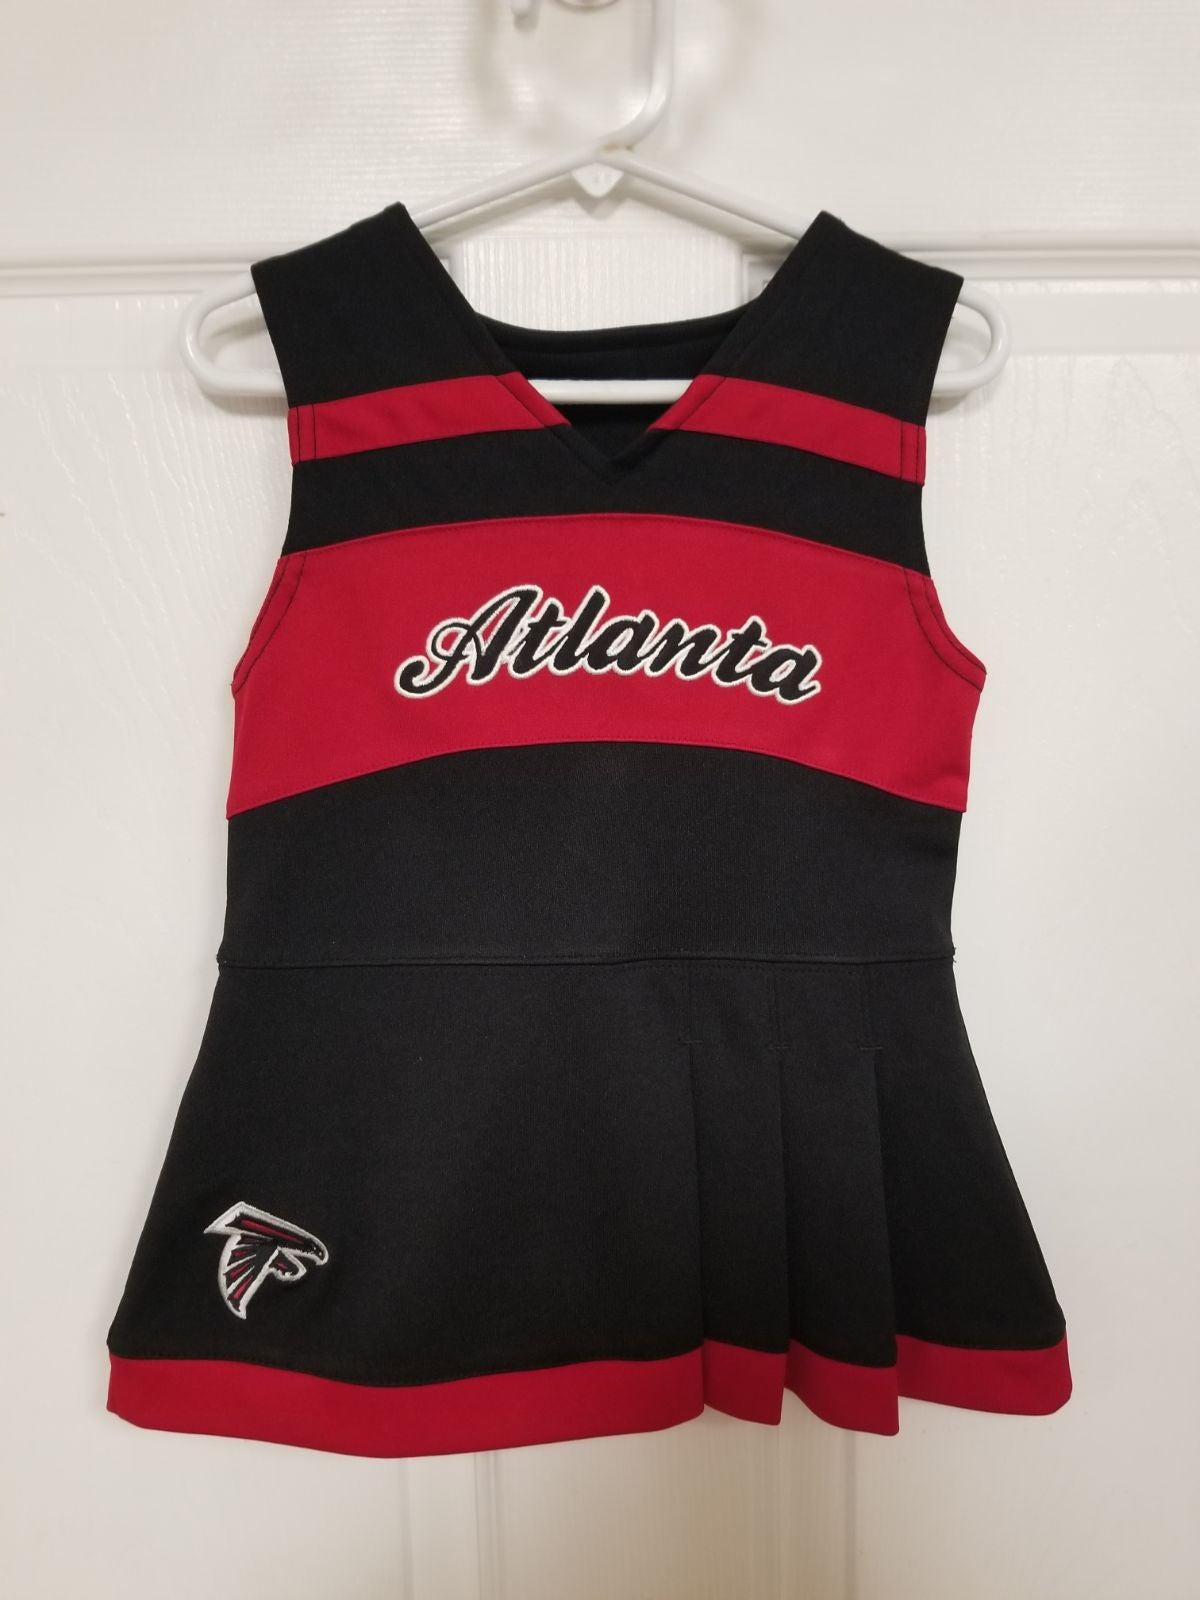 Falcons Cheer Uniform